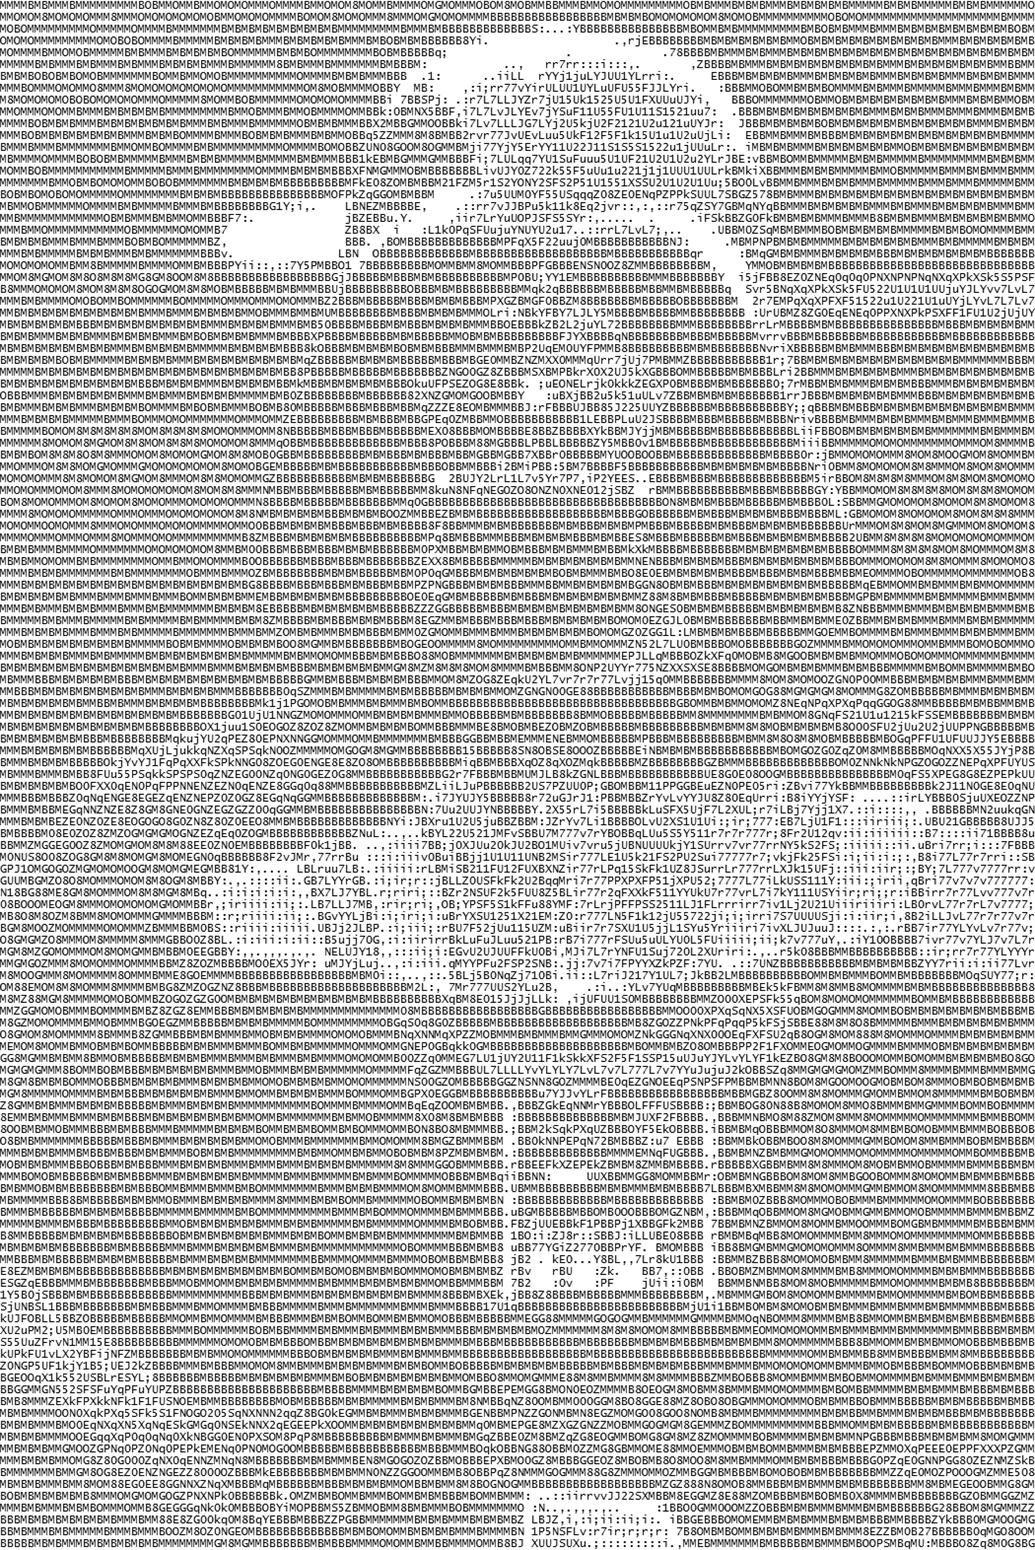 ASCII Darth Vader <3 | ASCII ART | Ascii art, Art drawings